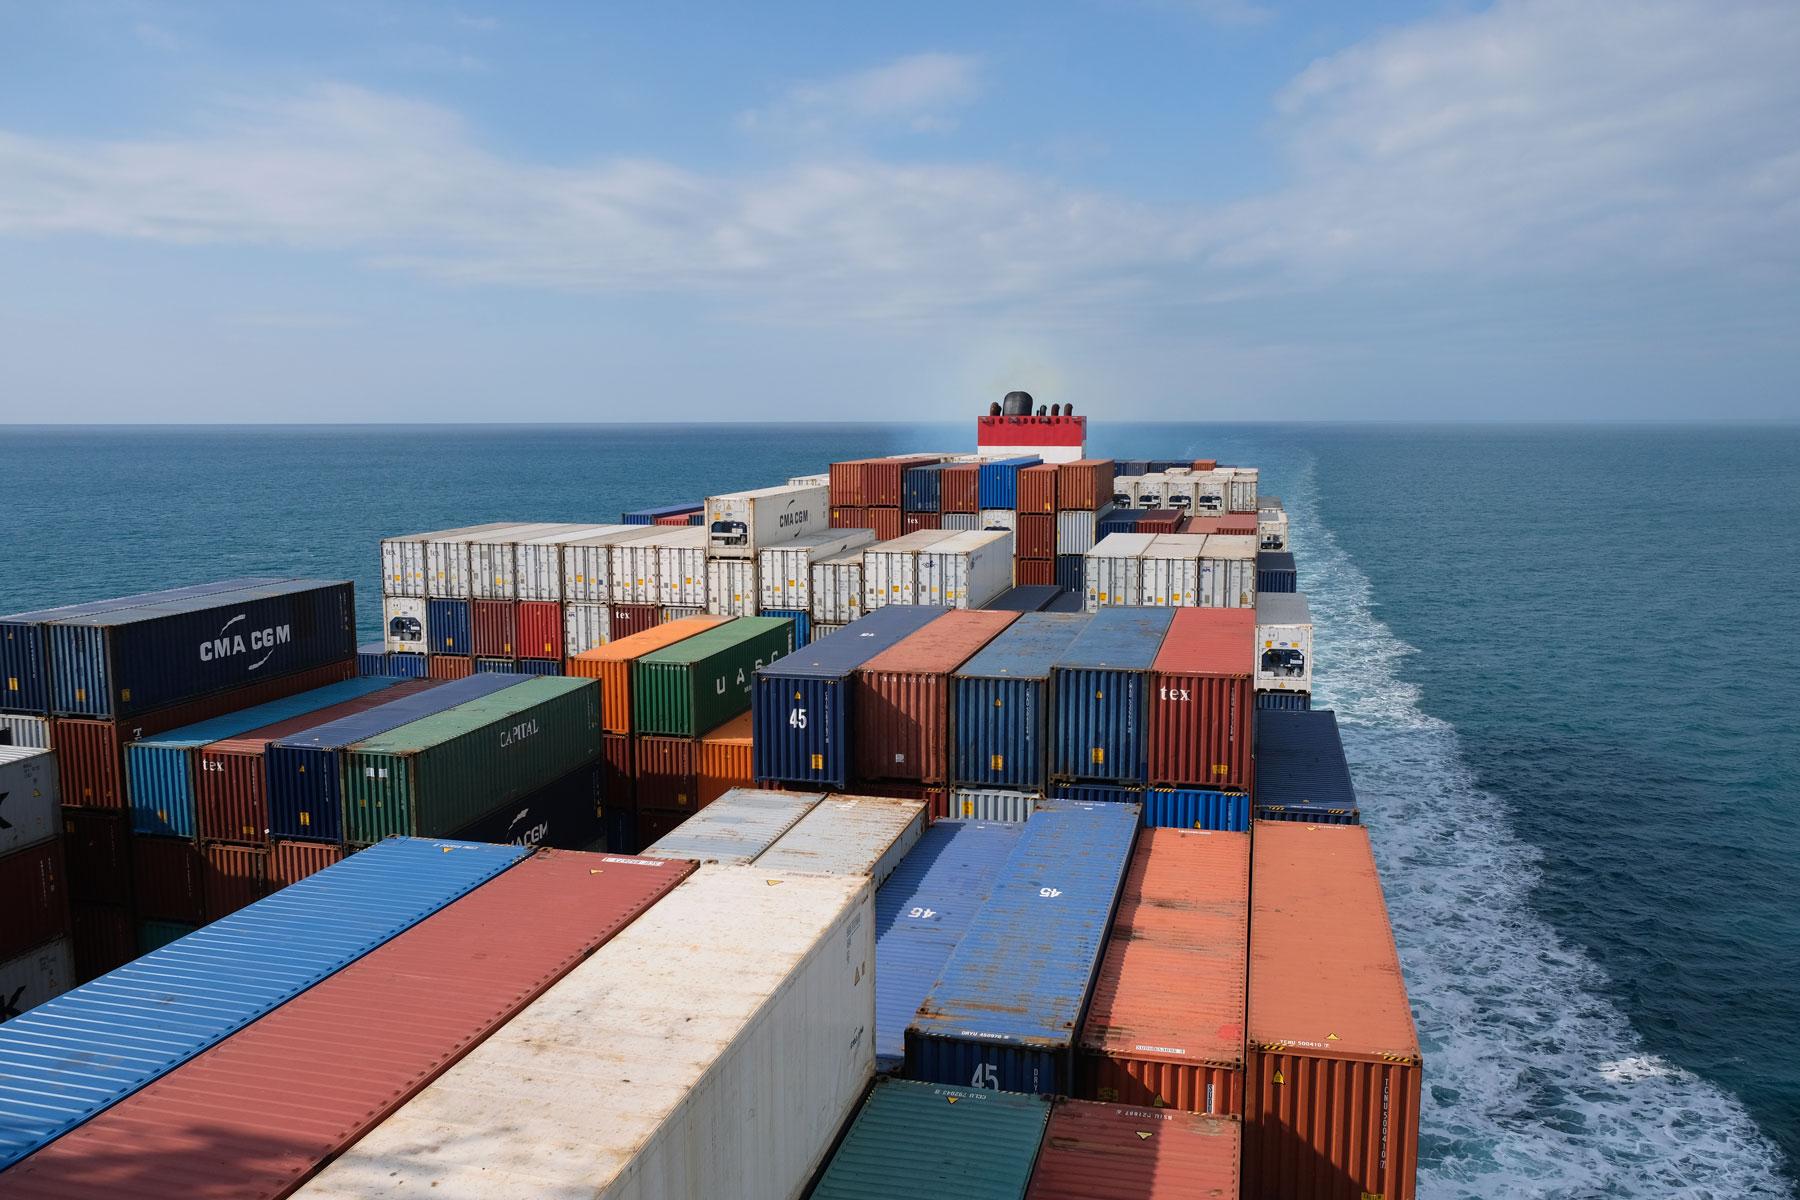 Ein Containerschiff, das den Pazifik überquert.